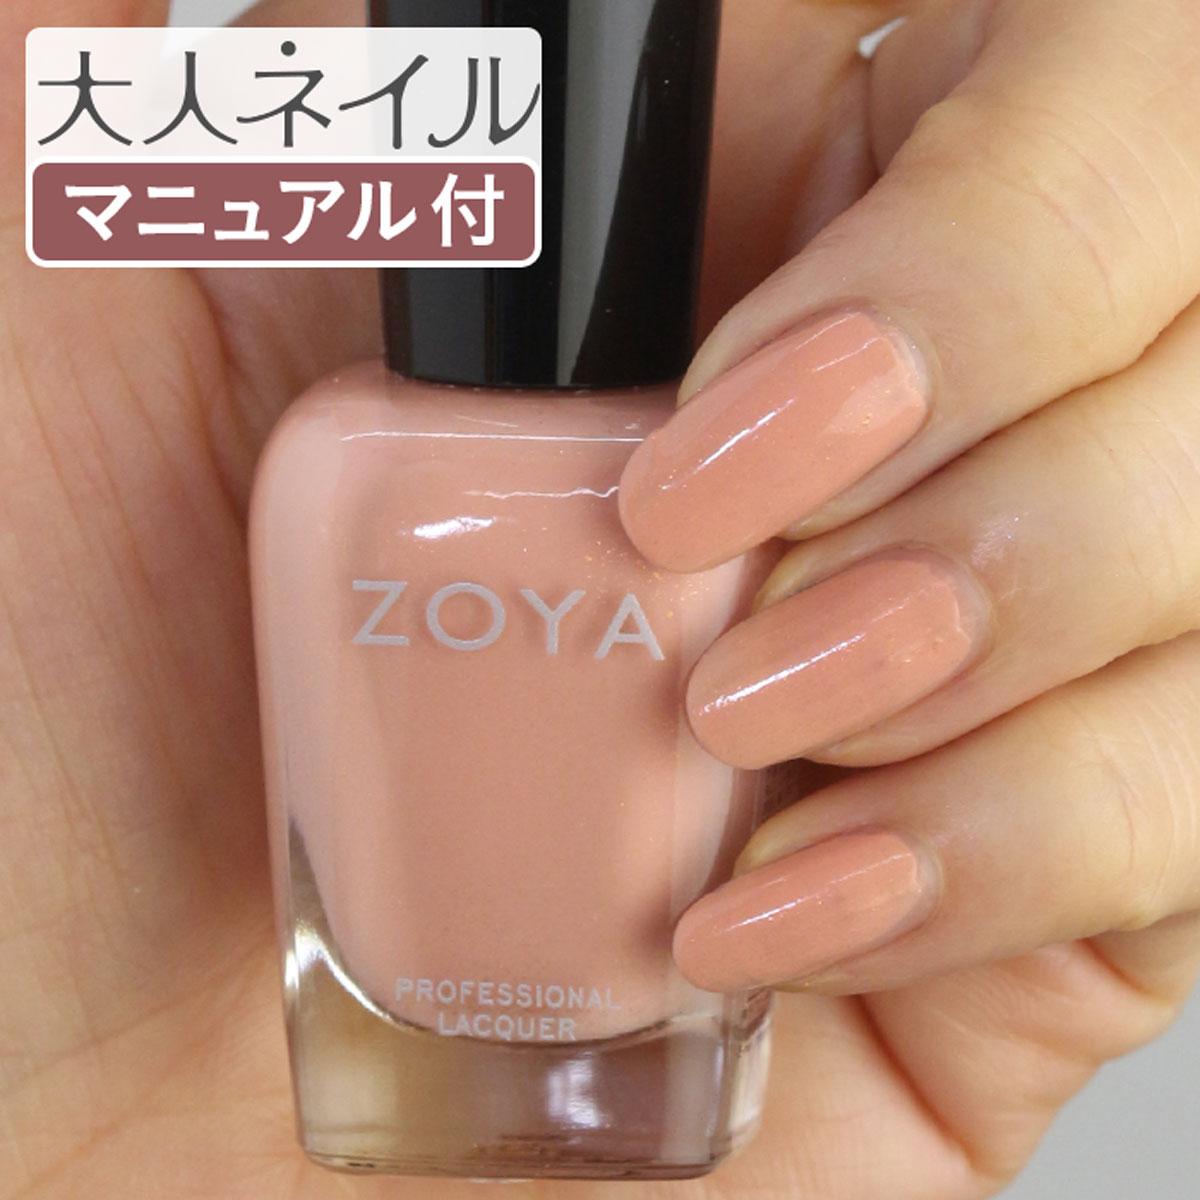 ZOYA ゾーヤ ゾヤ ネイルカラー ZP985 TESSA 15mL  自爪 の為に作られた ネイル にやさしい 自然派 マニキュア zoya セルフネイル にもおすすめ サーモン 夏ネイル 夏カラー